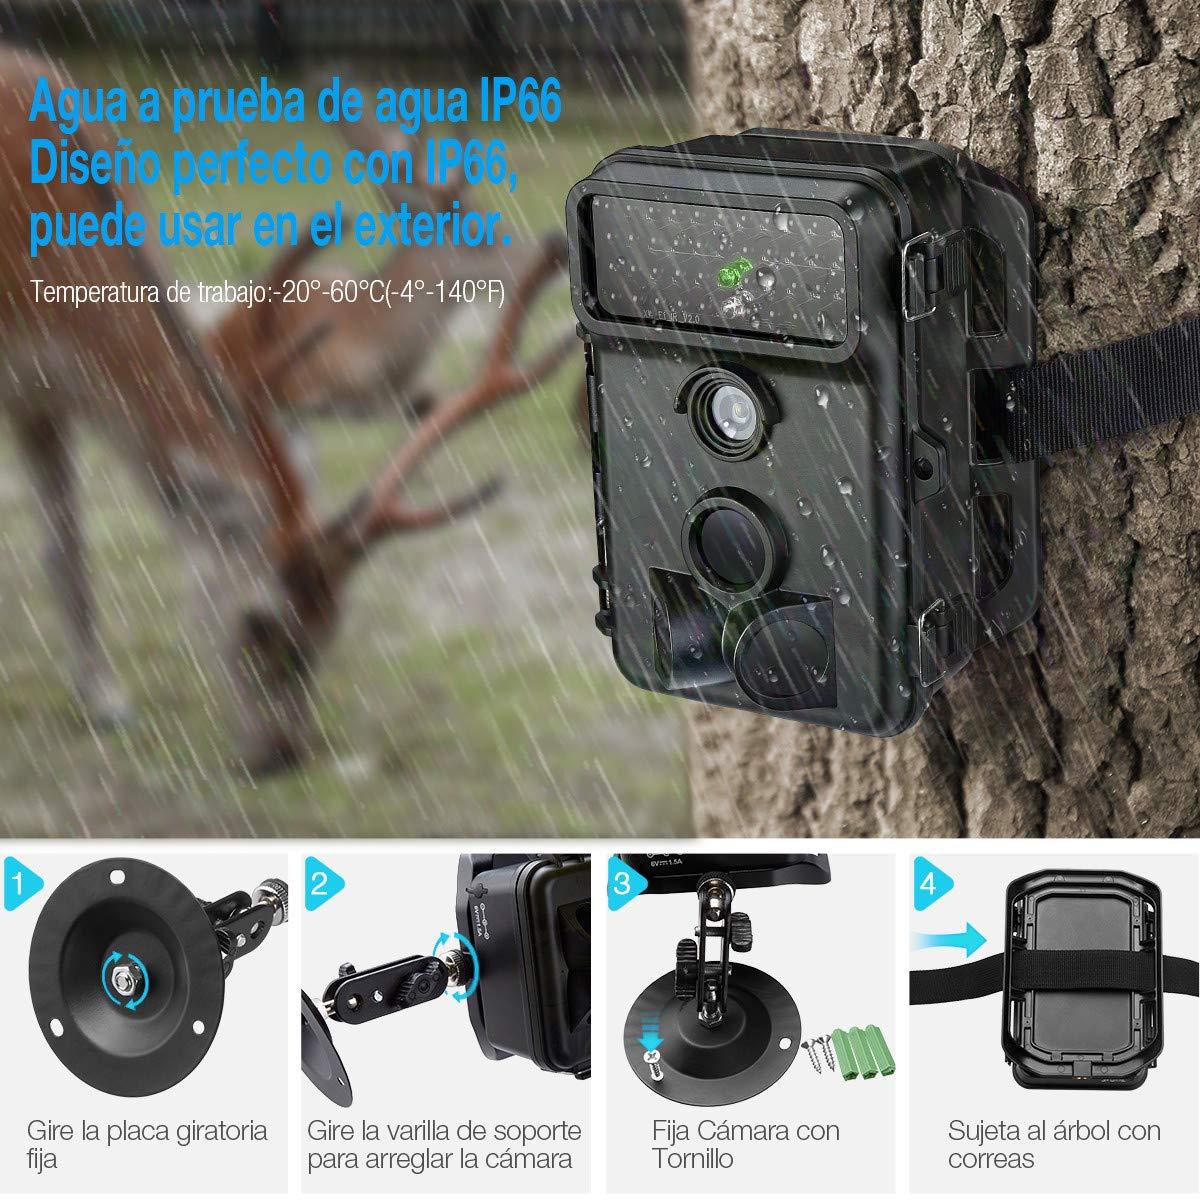 Powerextra Cámara de Caza Vigilancia 16MP Full HD 1080P Angular Amplio de 120° 42pcs IR Leds Visión Nocturna con hasta 20M Monitor LCD de 2.4\'\' Cámara de Vigilancia IP66 Resistente Intemperie